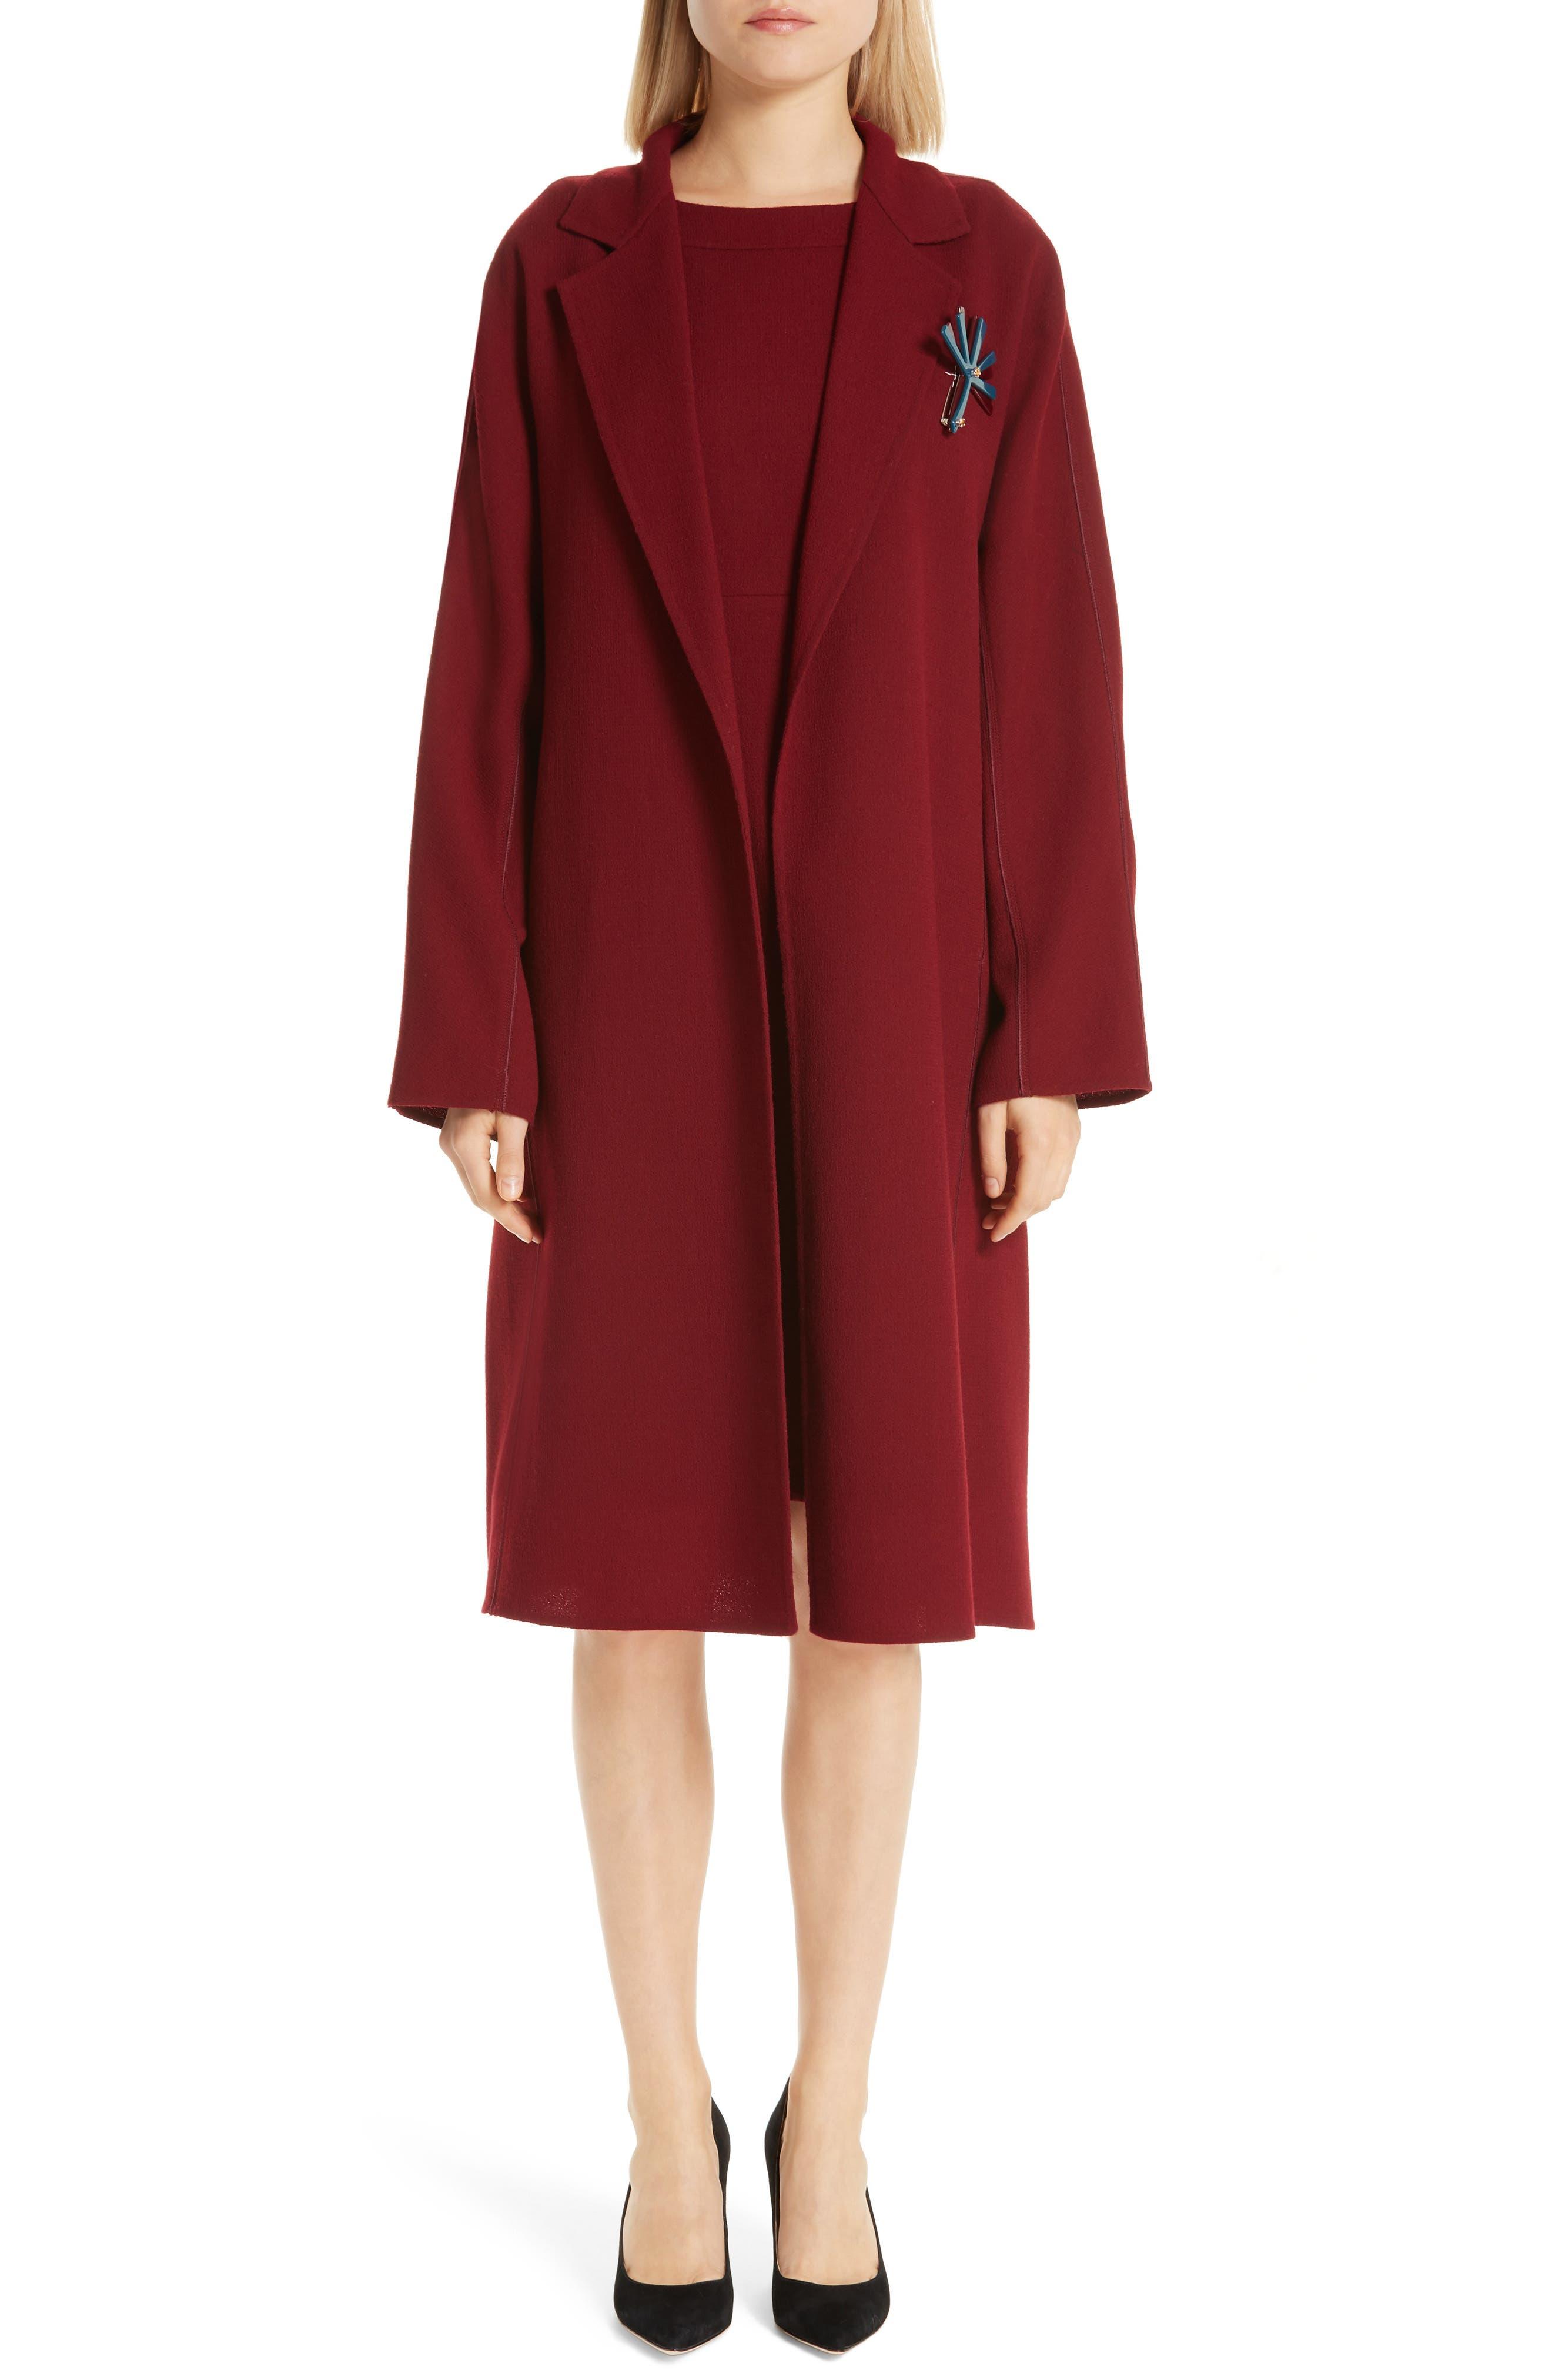 Wool Jacket with Pin,                             Main thumbnail 1, color,                             600